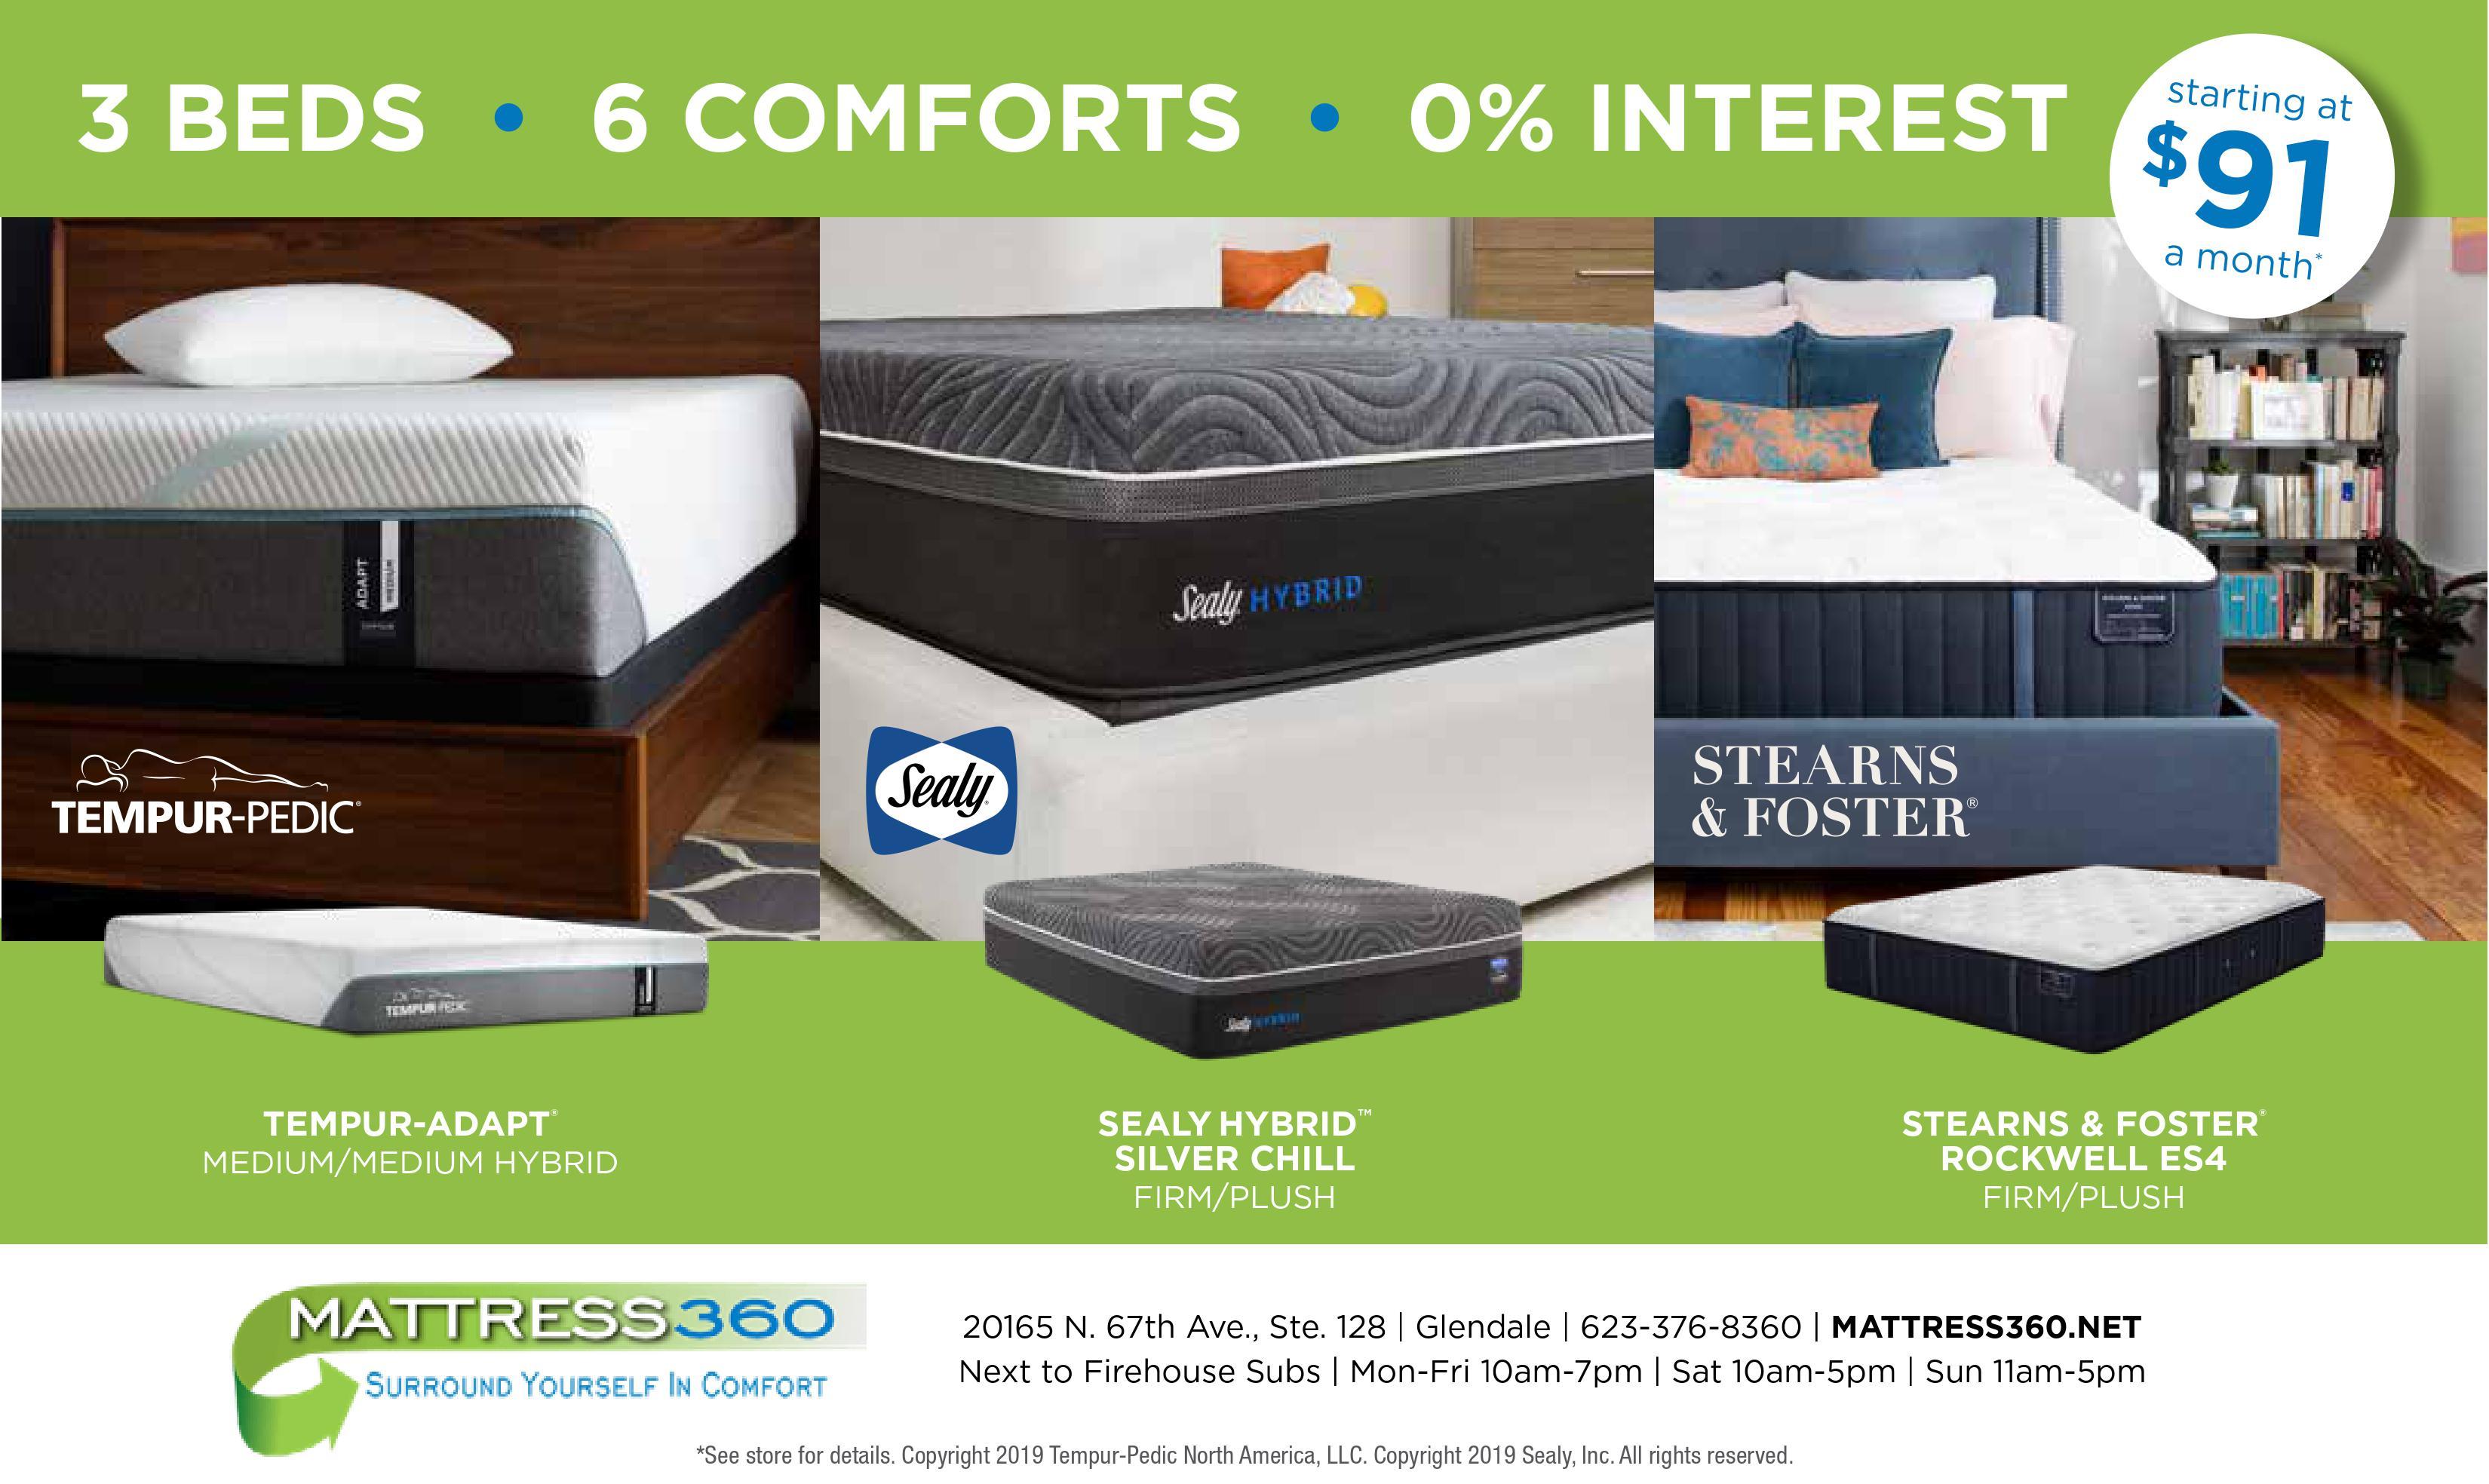 Mattress360